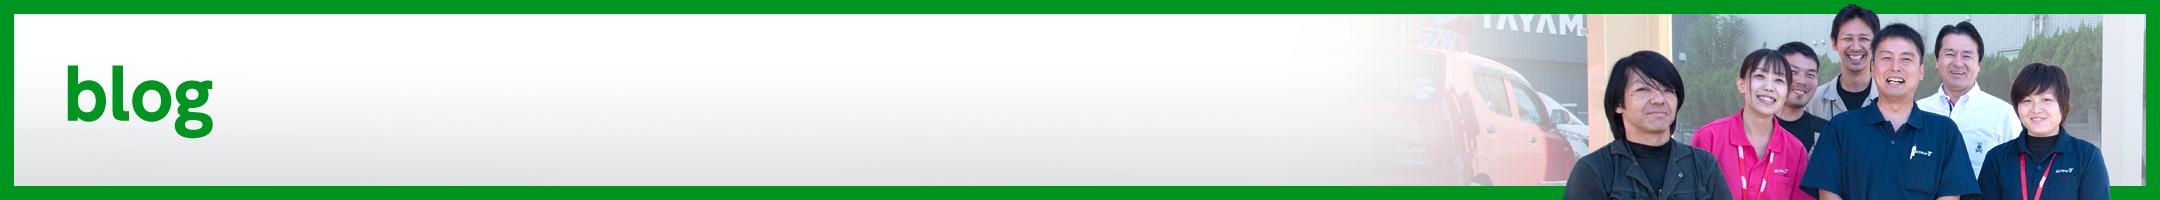 スクリーンショット 2020-08-08 11.36.03|伊勢崎市カーリースならフラット7いせさき